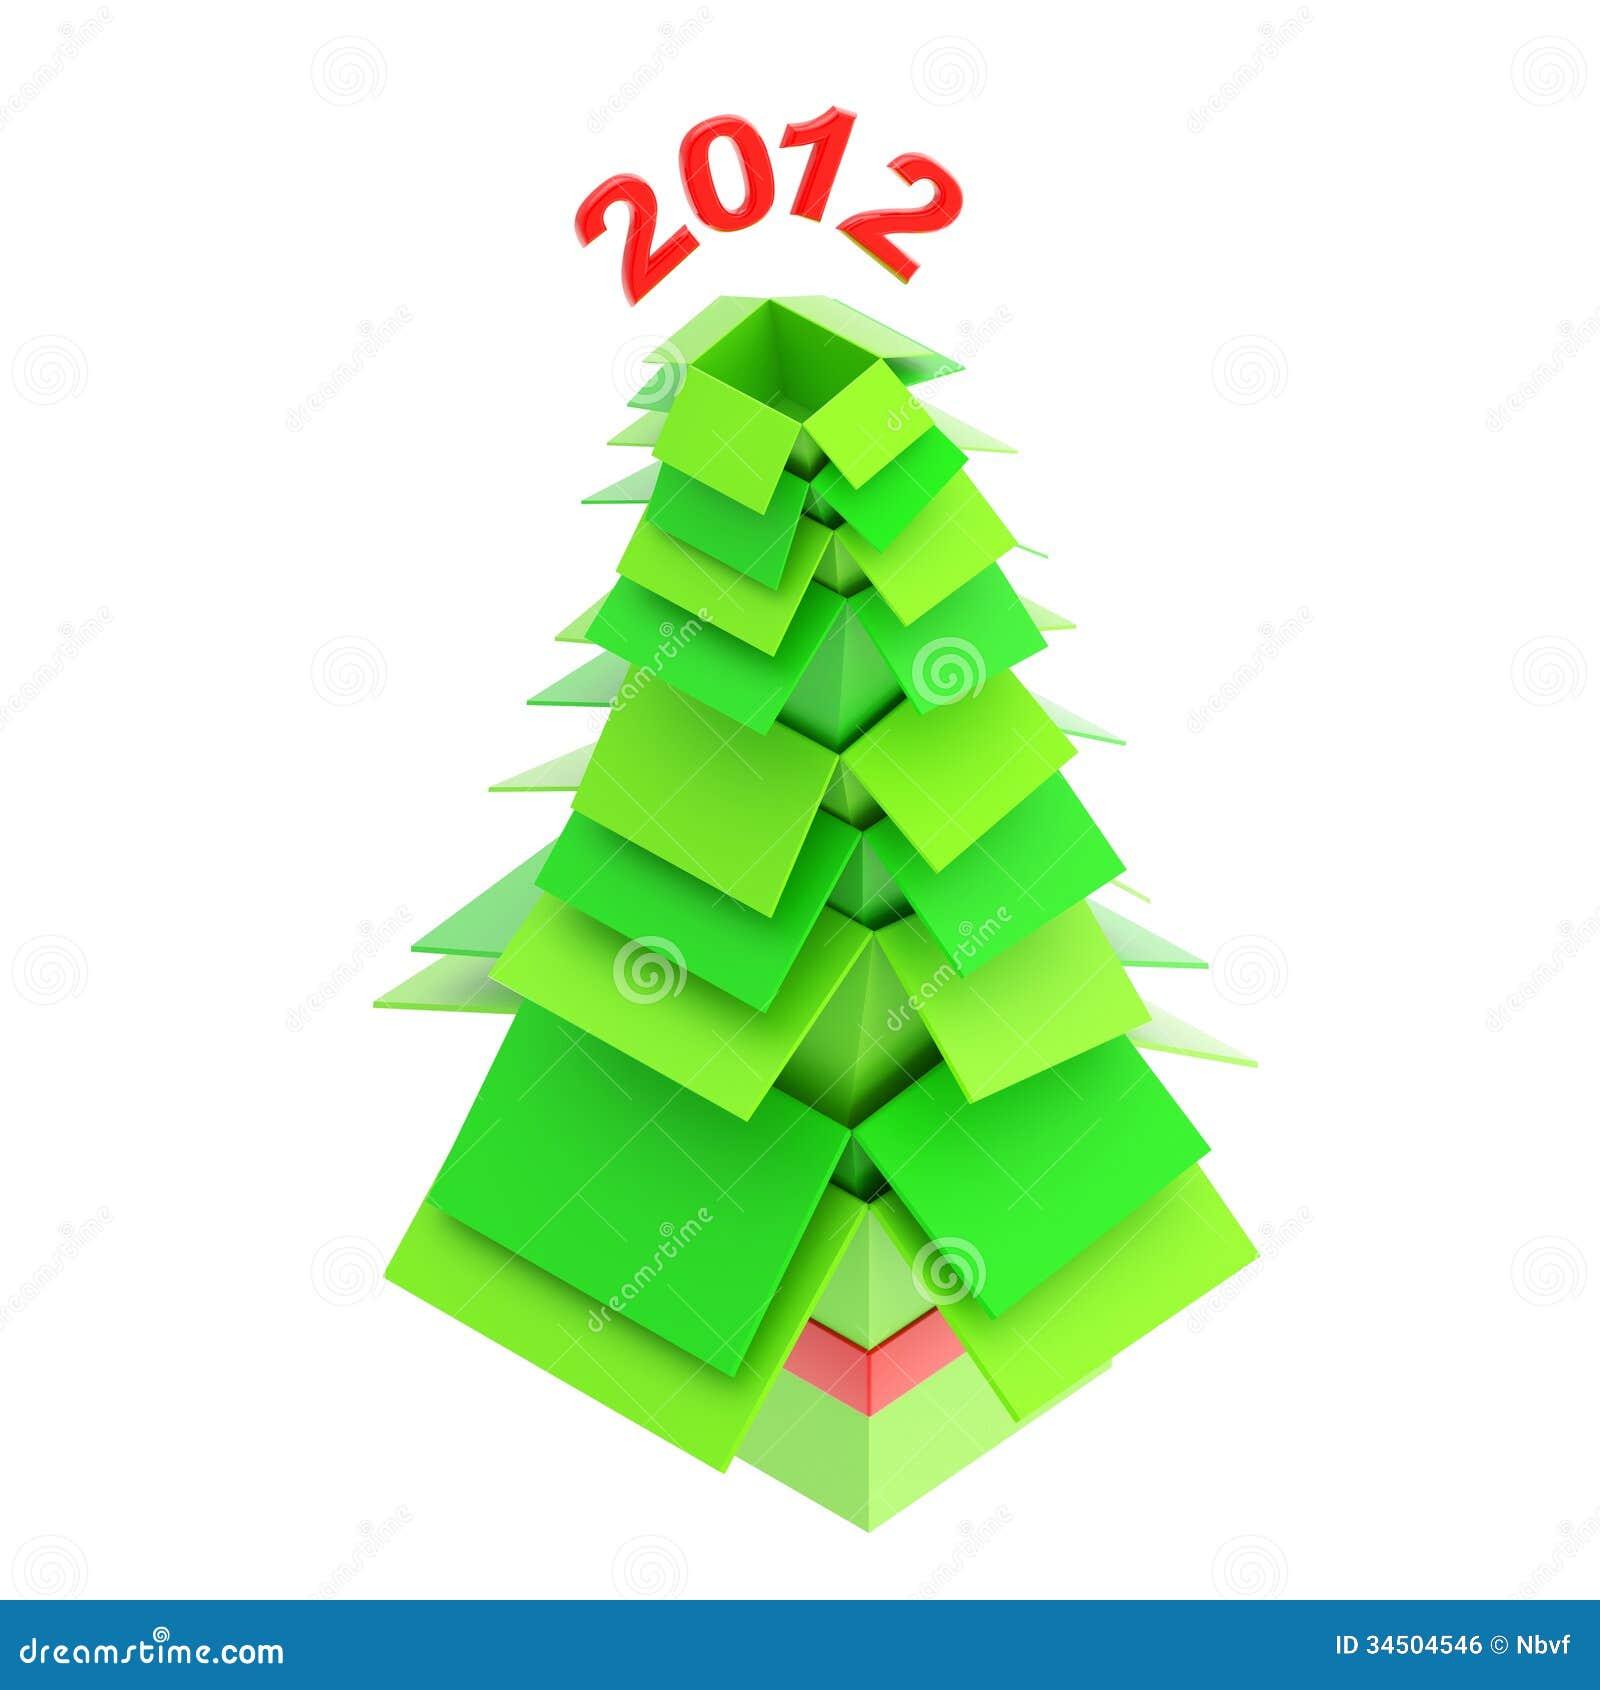 Rbol de navidad hecho de las cajas de cart n imagen de for Arbol de navidad con cajas de carton